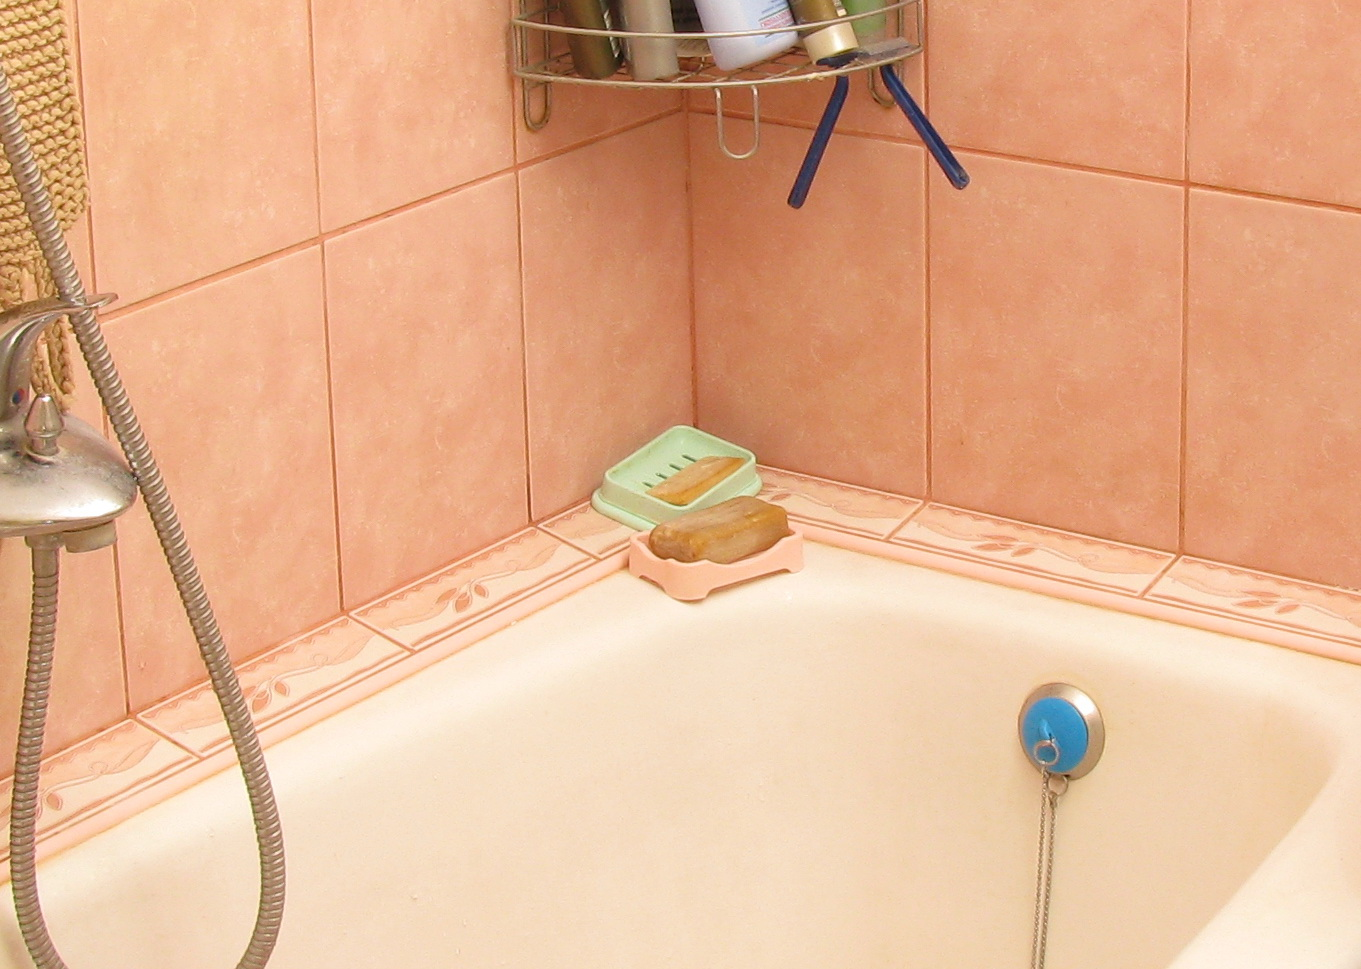 Как сделать бордюр в ванной у стены фото 33